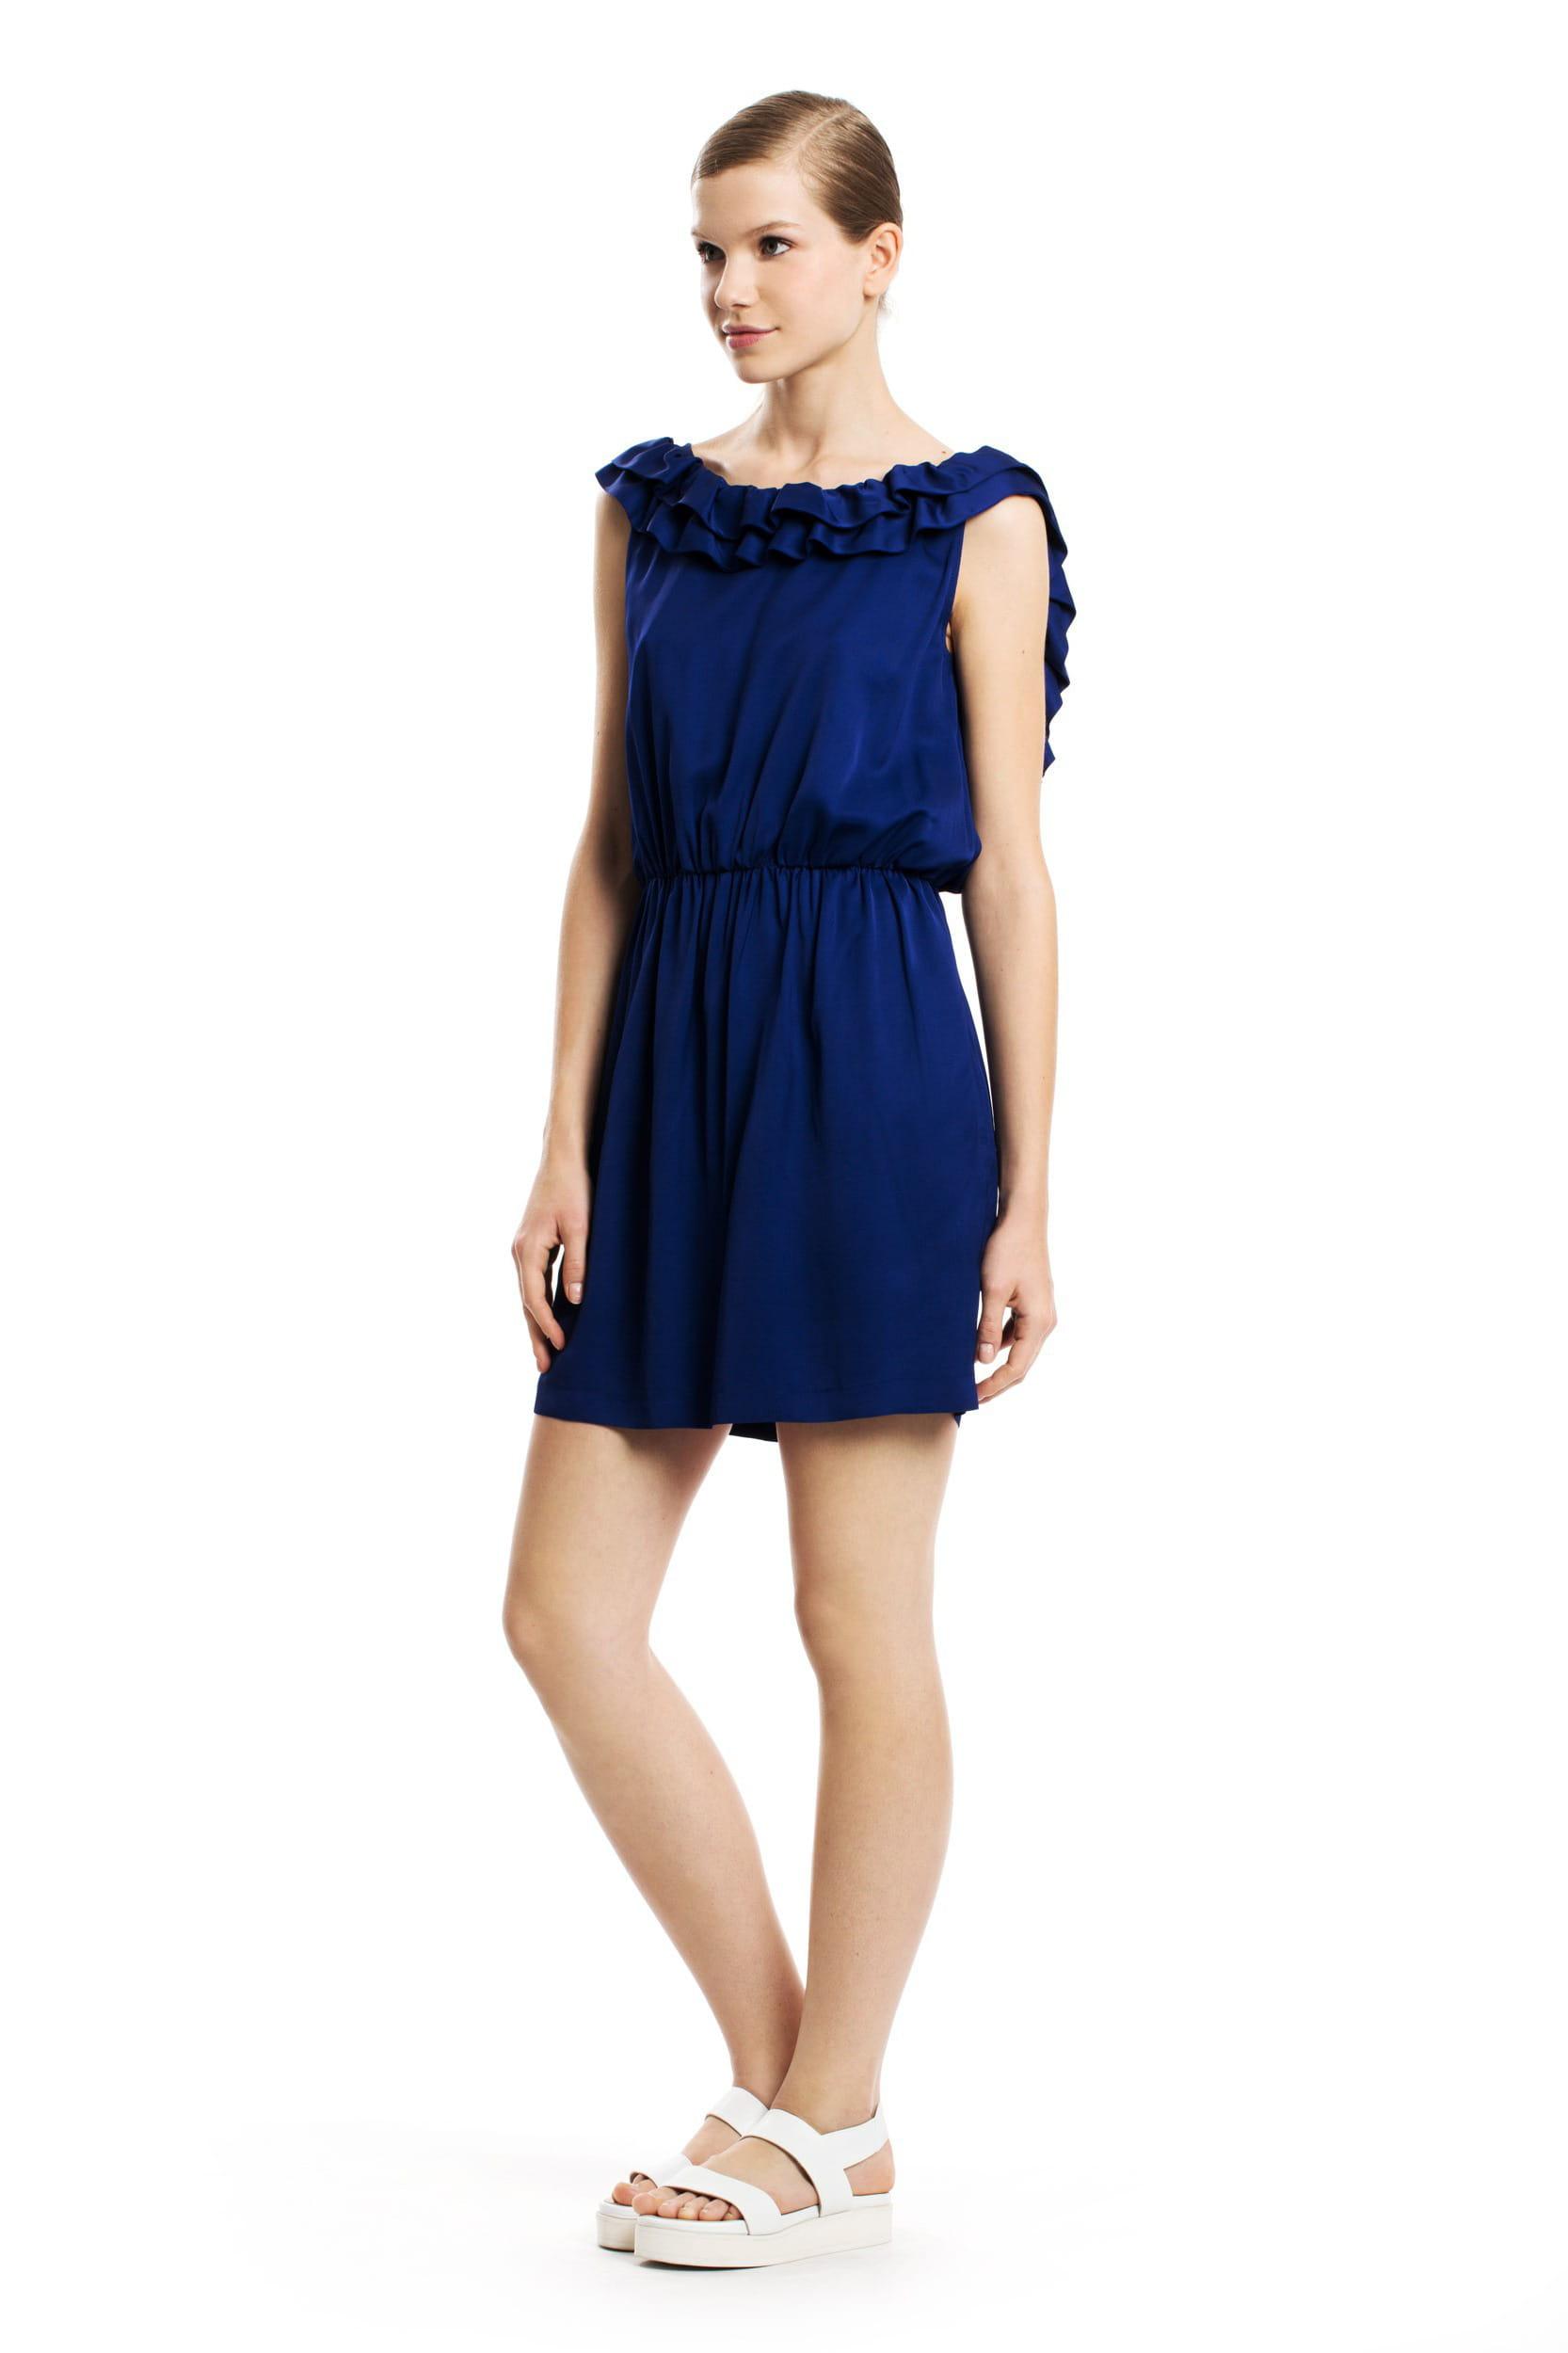 robe bleu lectrique de tara jarmon - Robe Bleu Electrique Mariage